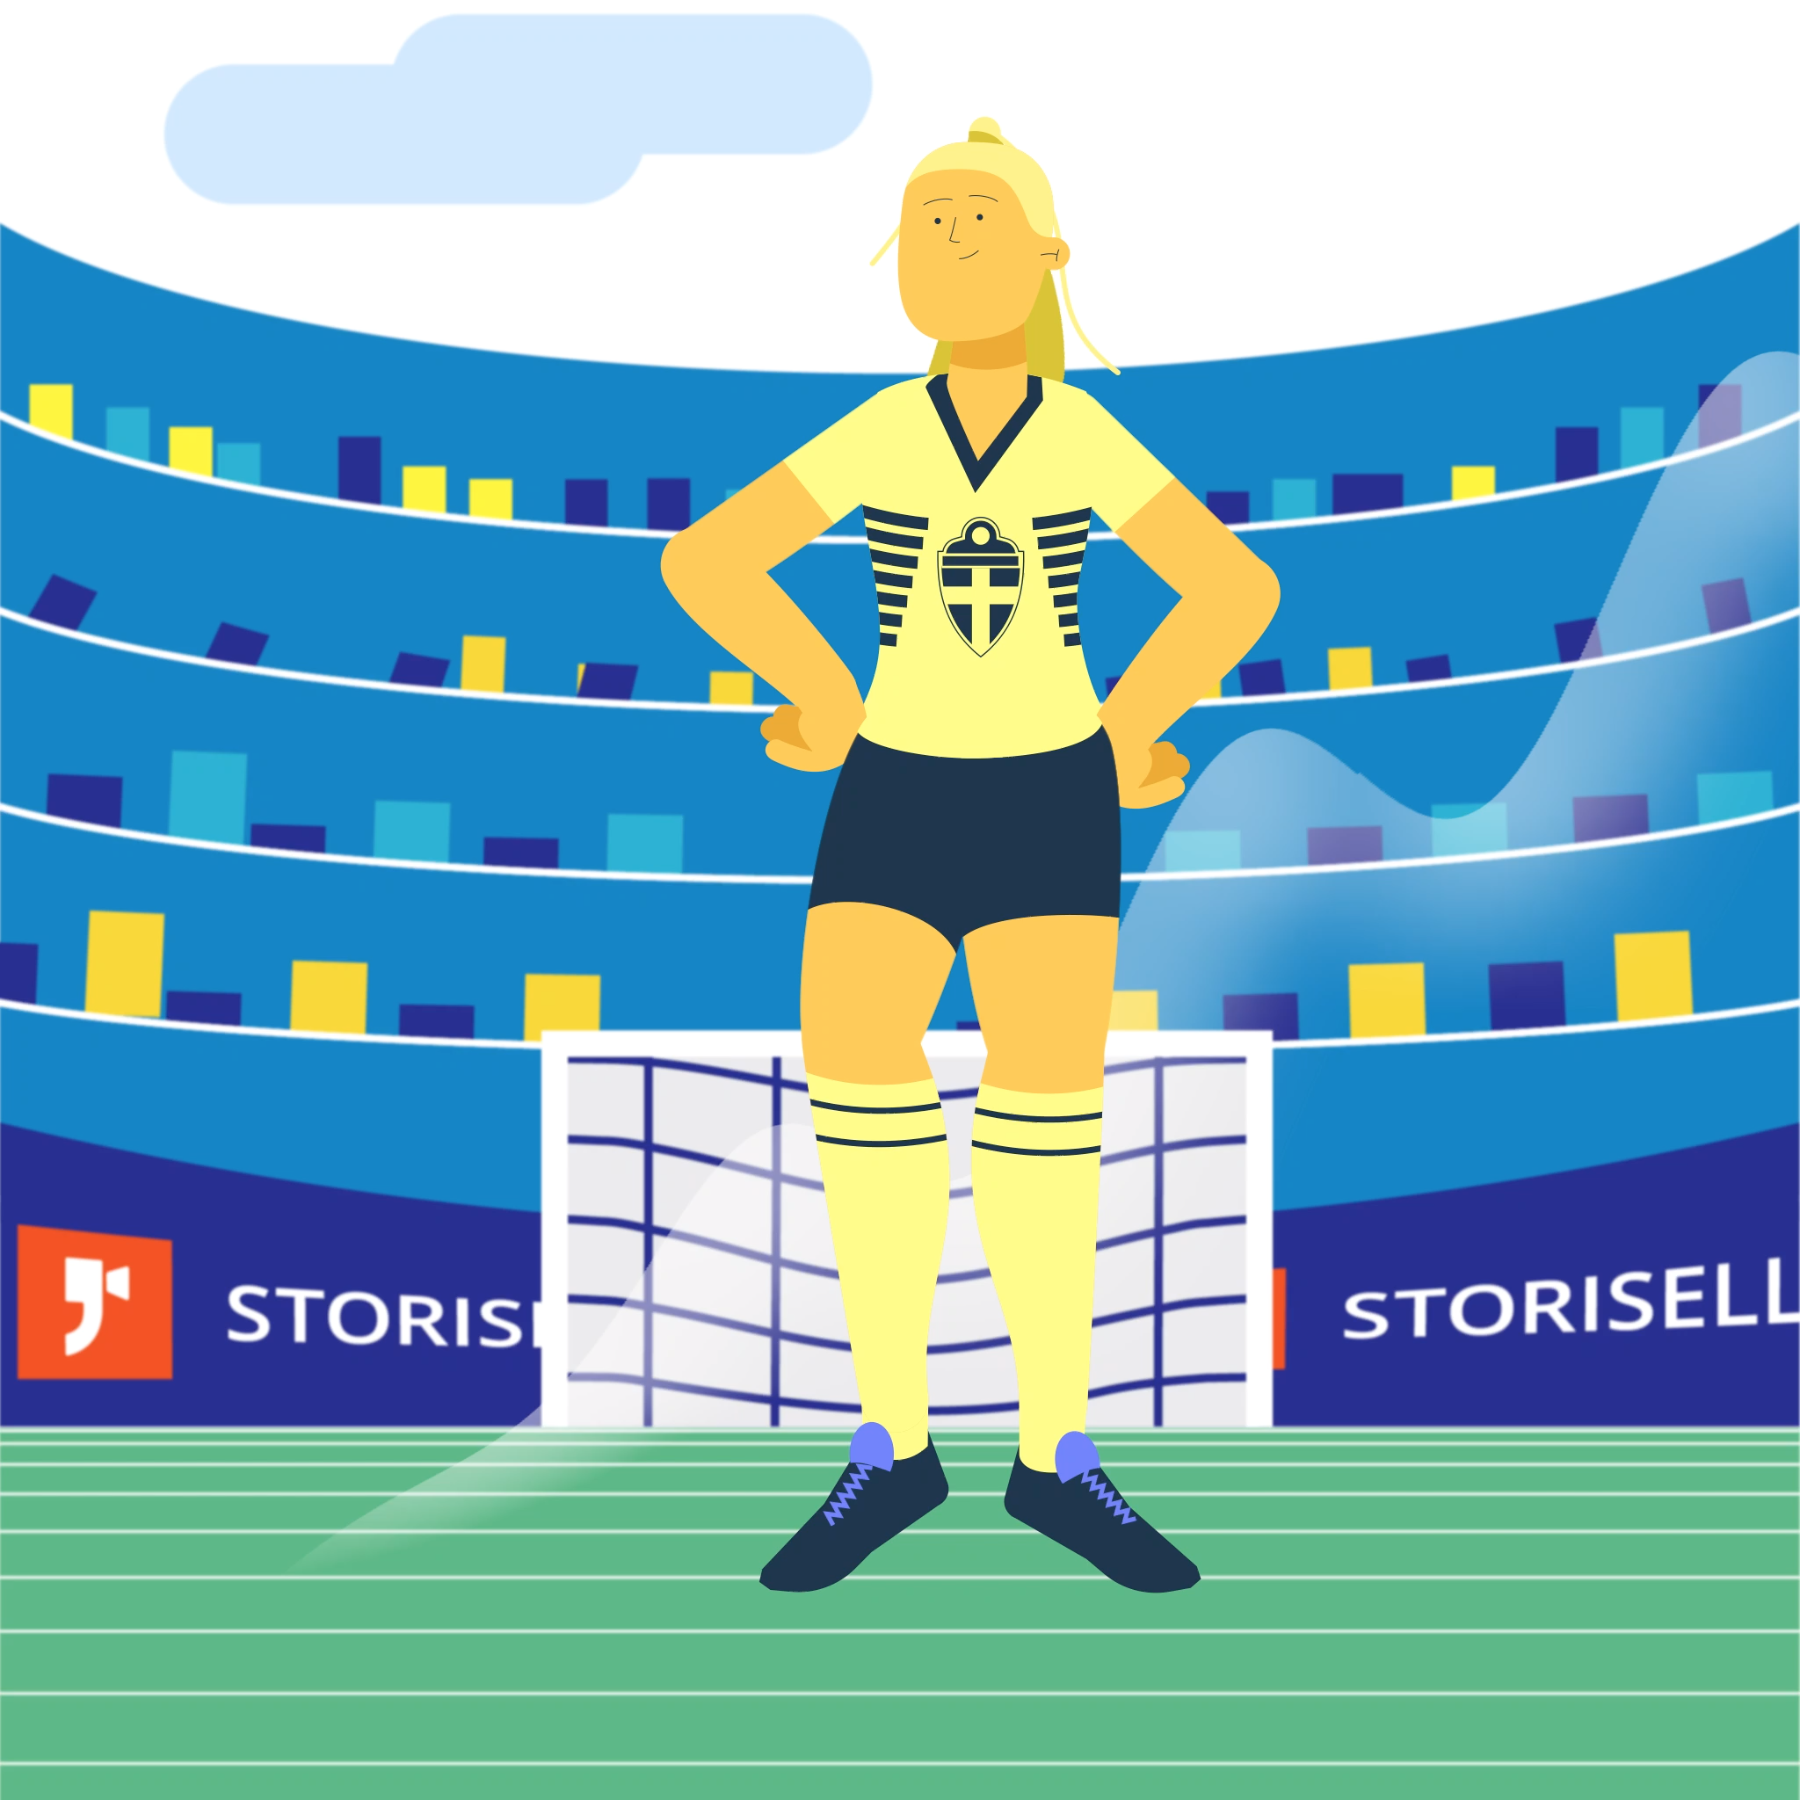 Storisell önskar damlandslaget lycka till i VM